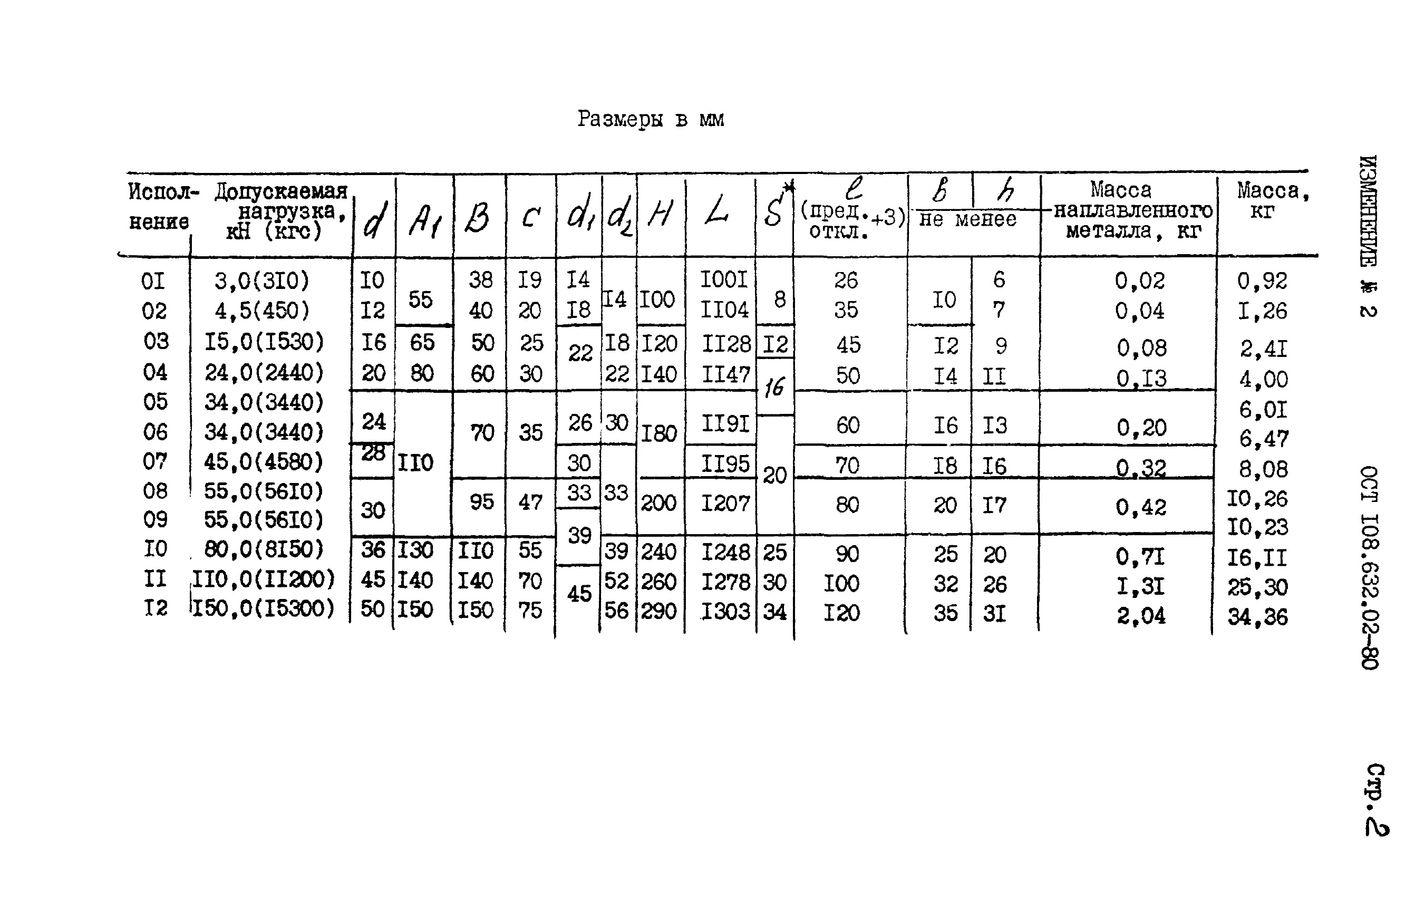 Тяги с серьгой ОСТ 108.632.02-80 стр.6